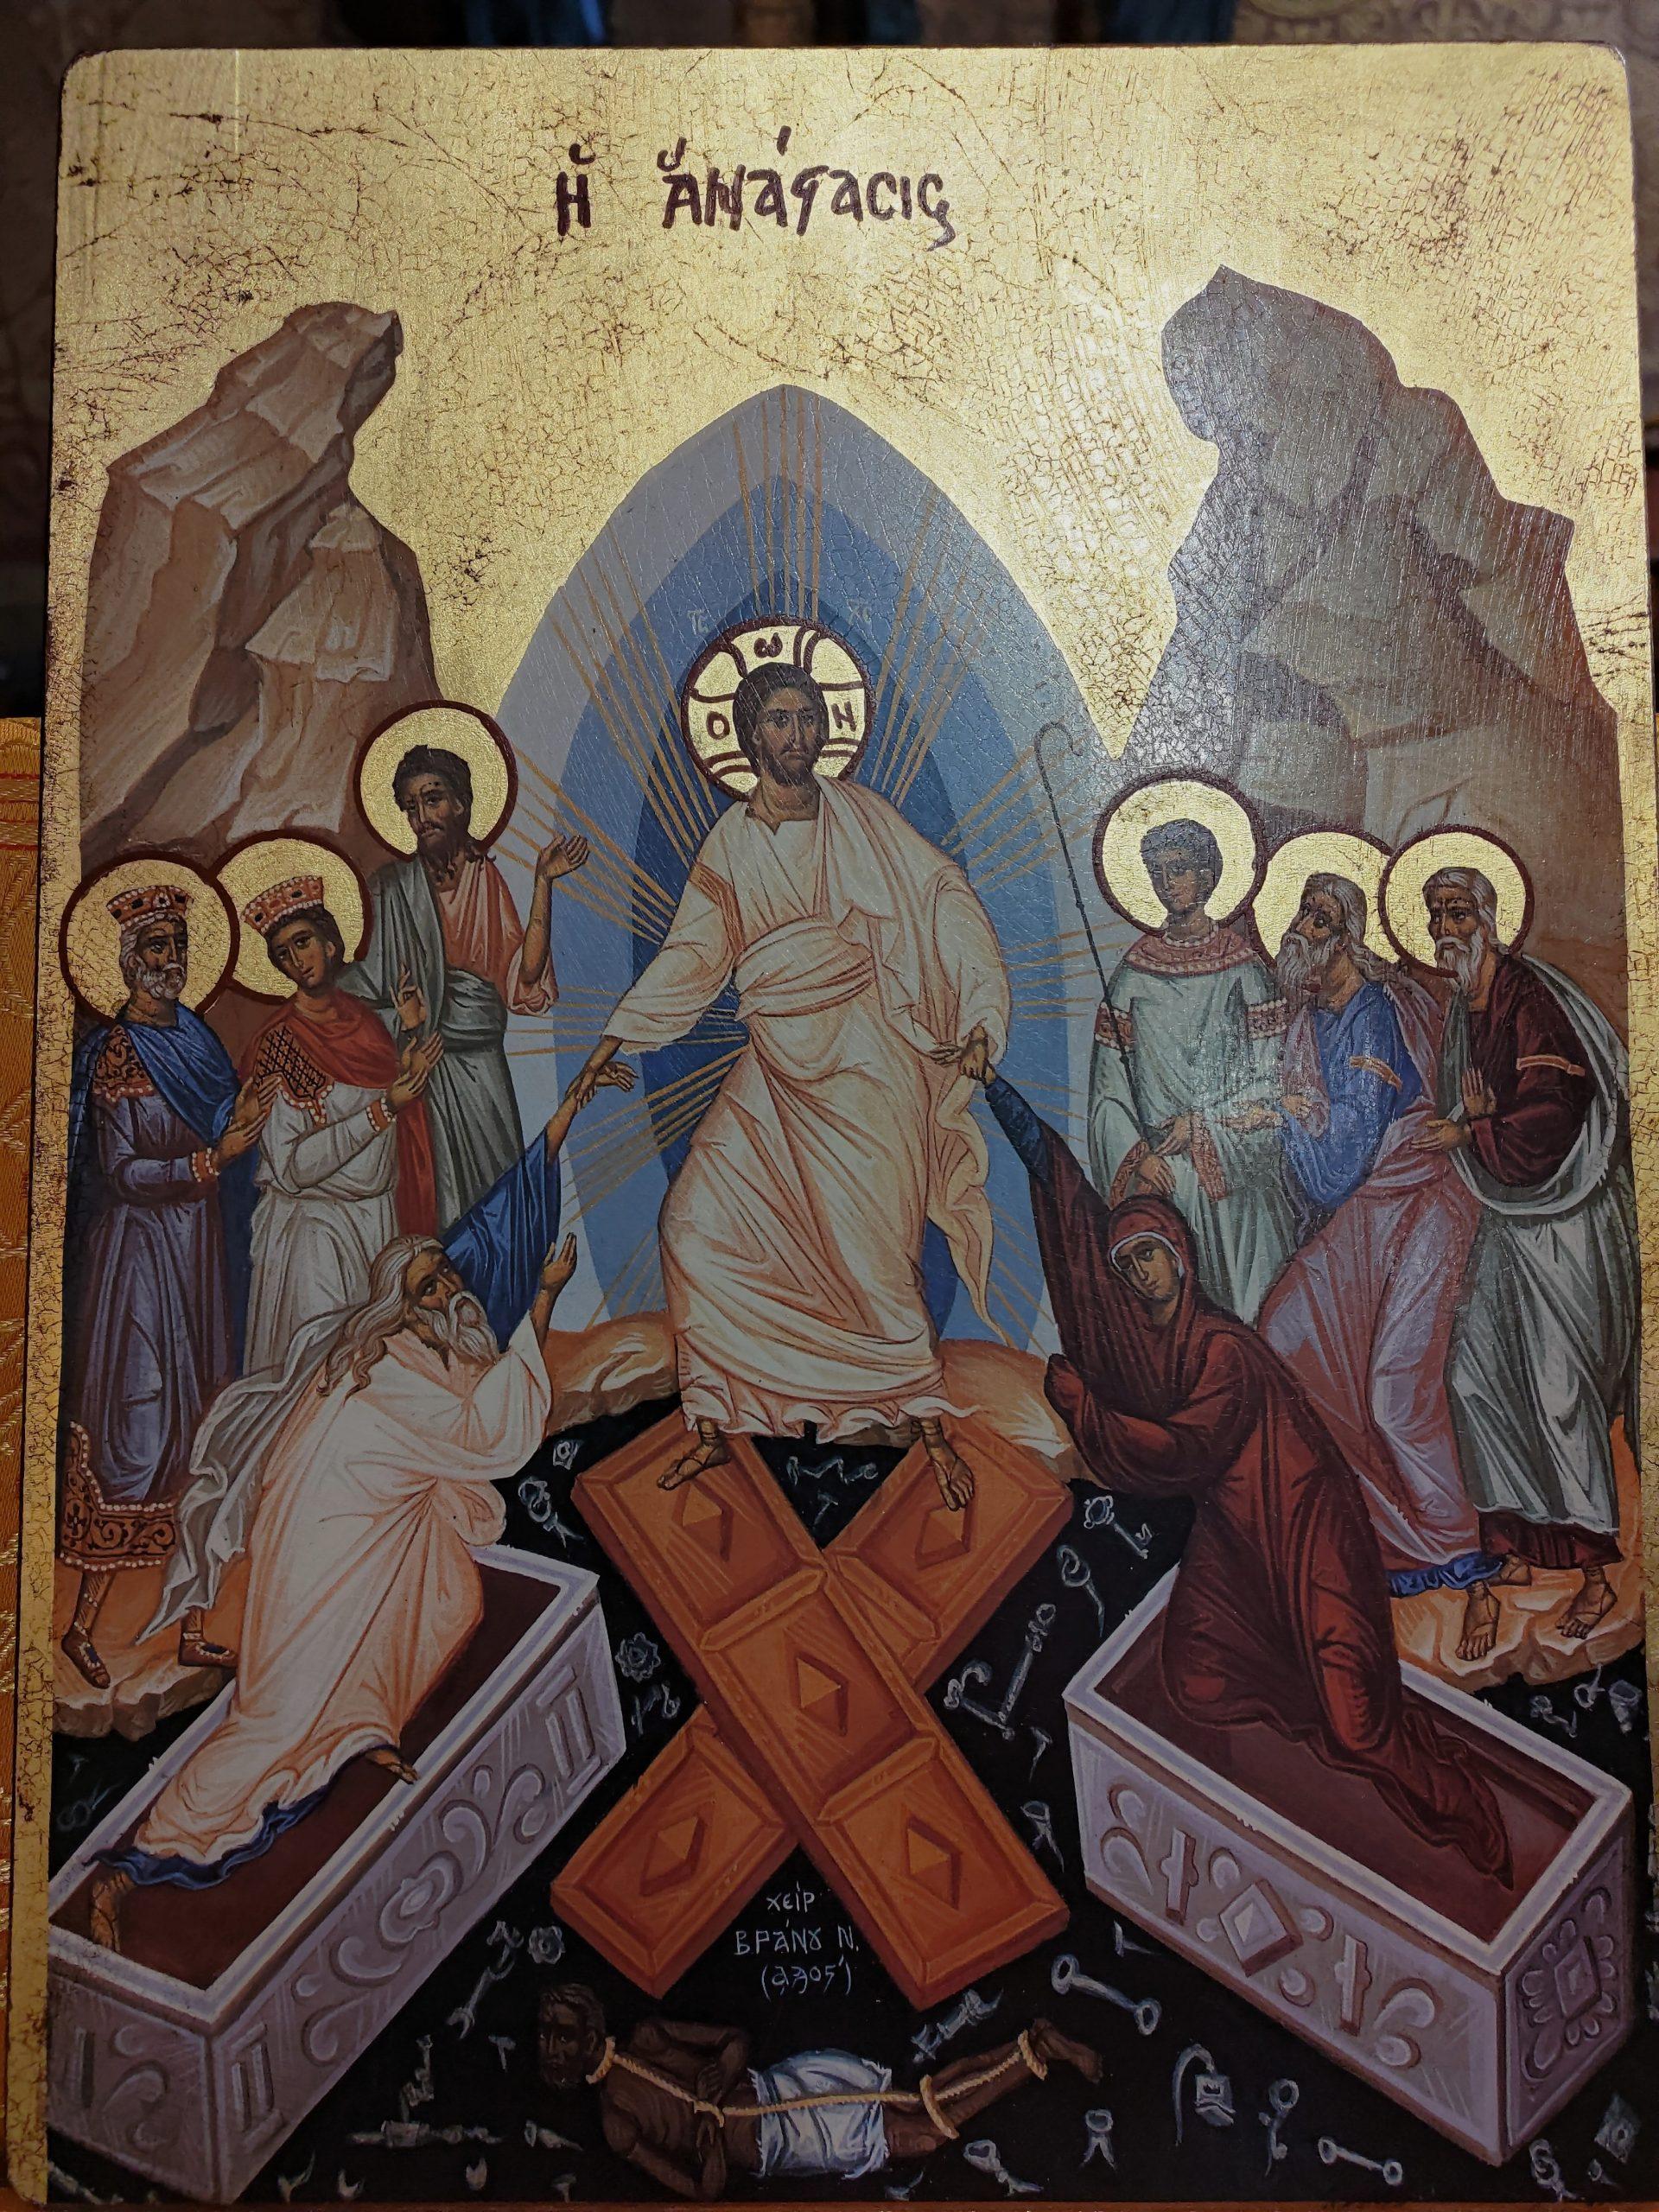 Dimanche 11 avril : dimanche de la Divine Miséricorde. Homélie du Père Philippe Perraud, vicaire